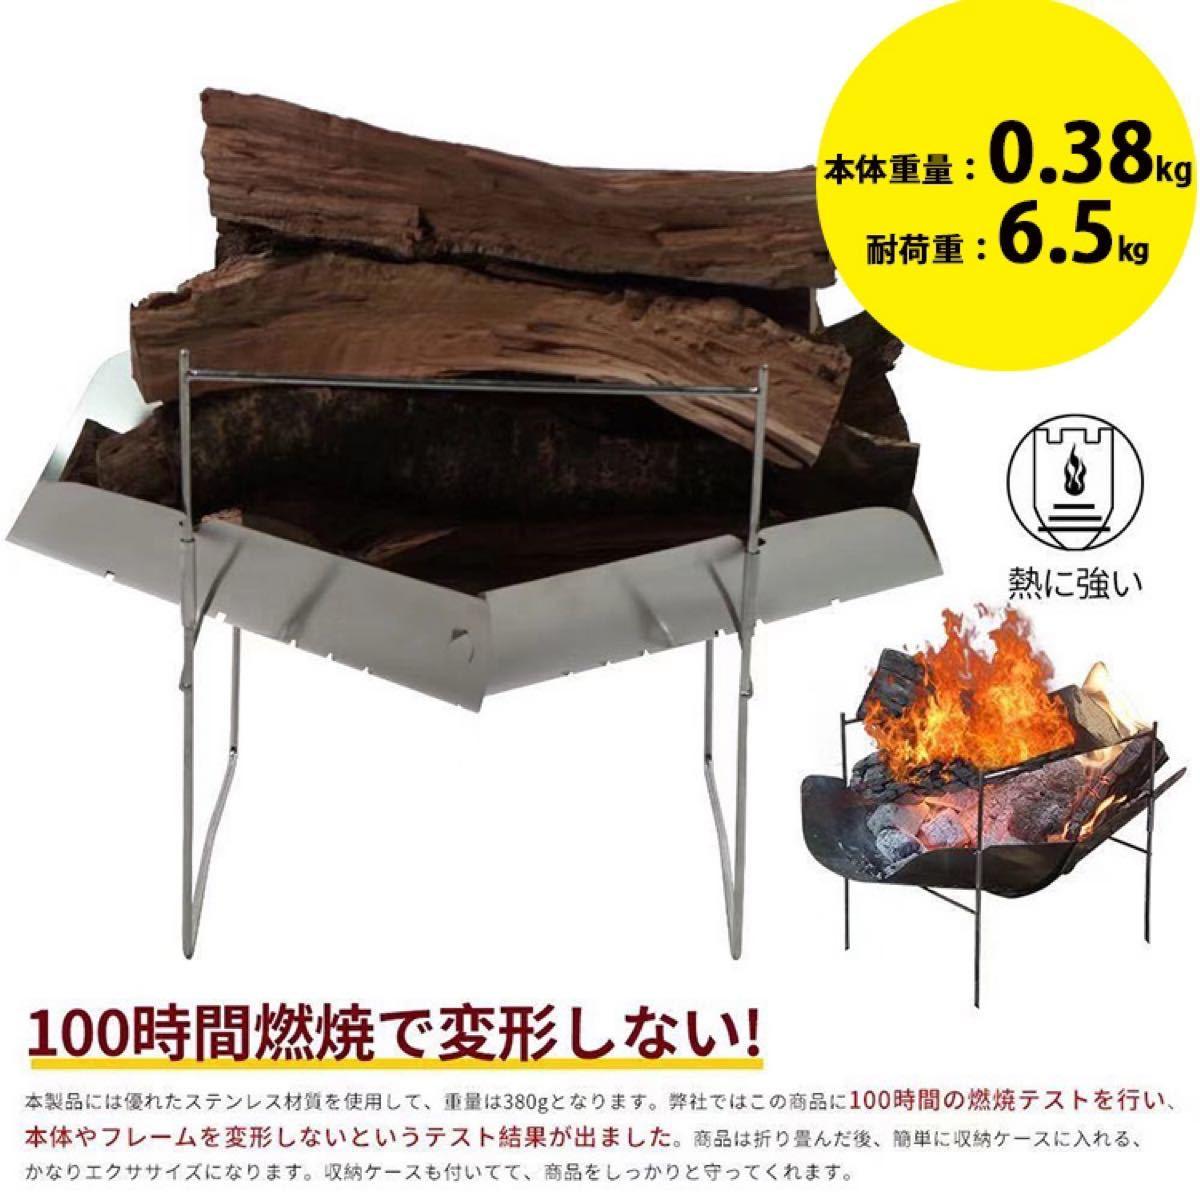 1年保証付き!Soomloom正規品 焚き火台 ソロキャンプ バーベキューコンロ